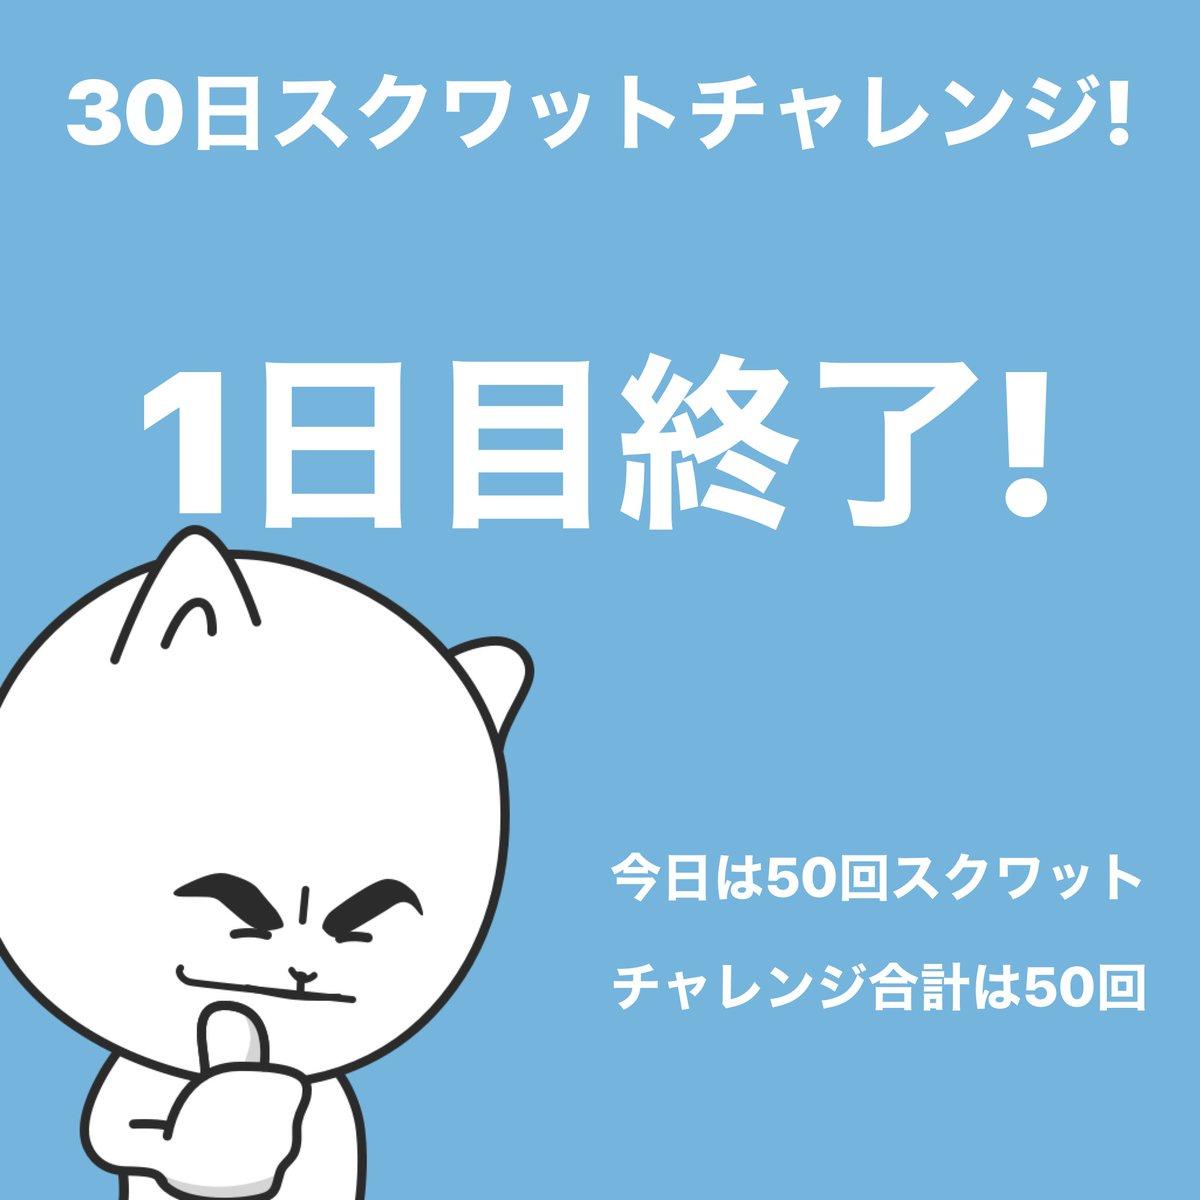 #スクワットチャレンジ 1日目終了!今日は50回スクワットしました。 #30日チャレンジ しぬぅwwwwwwwwww